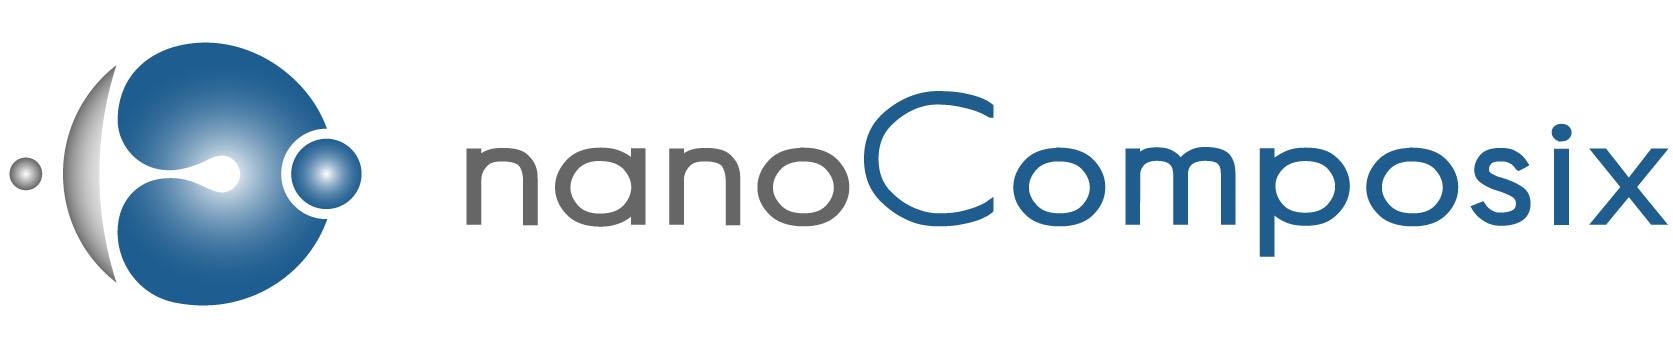 Nanocomposix.png